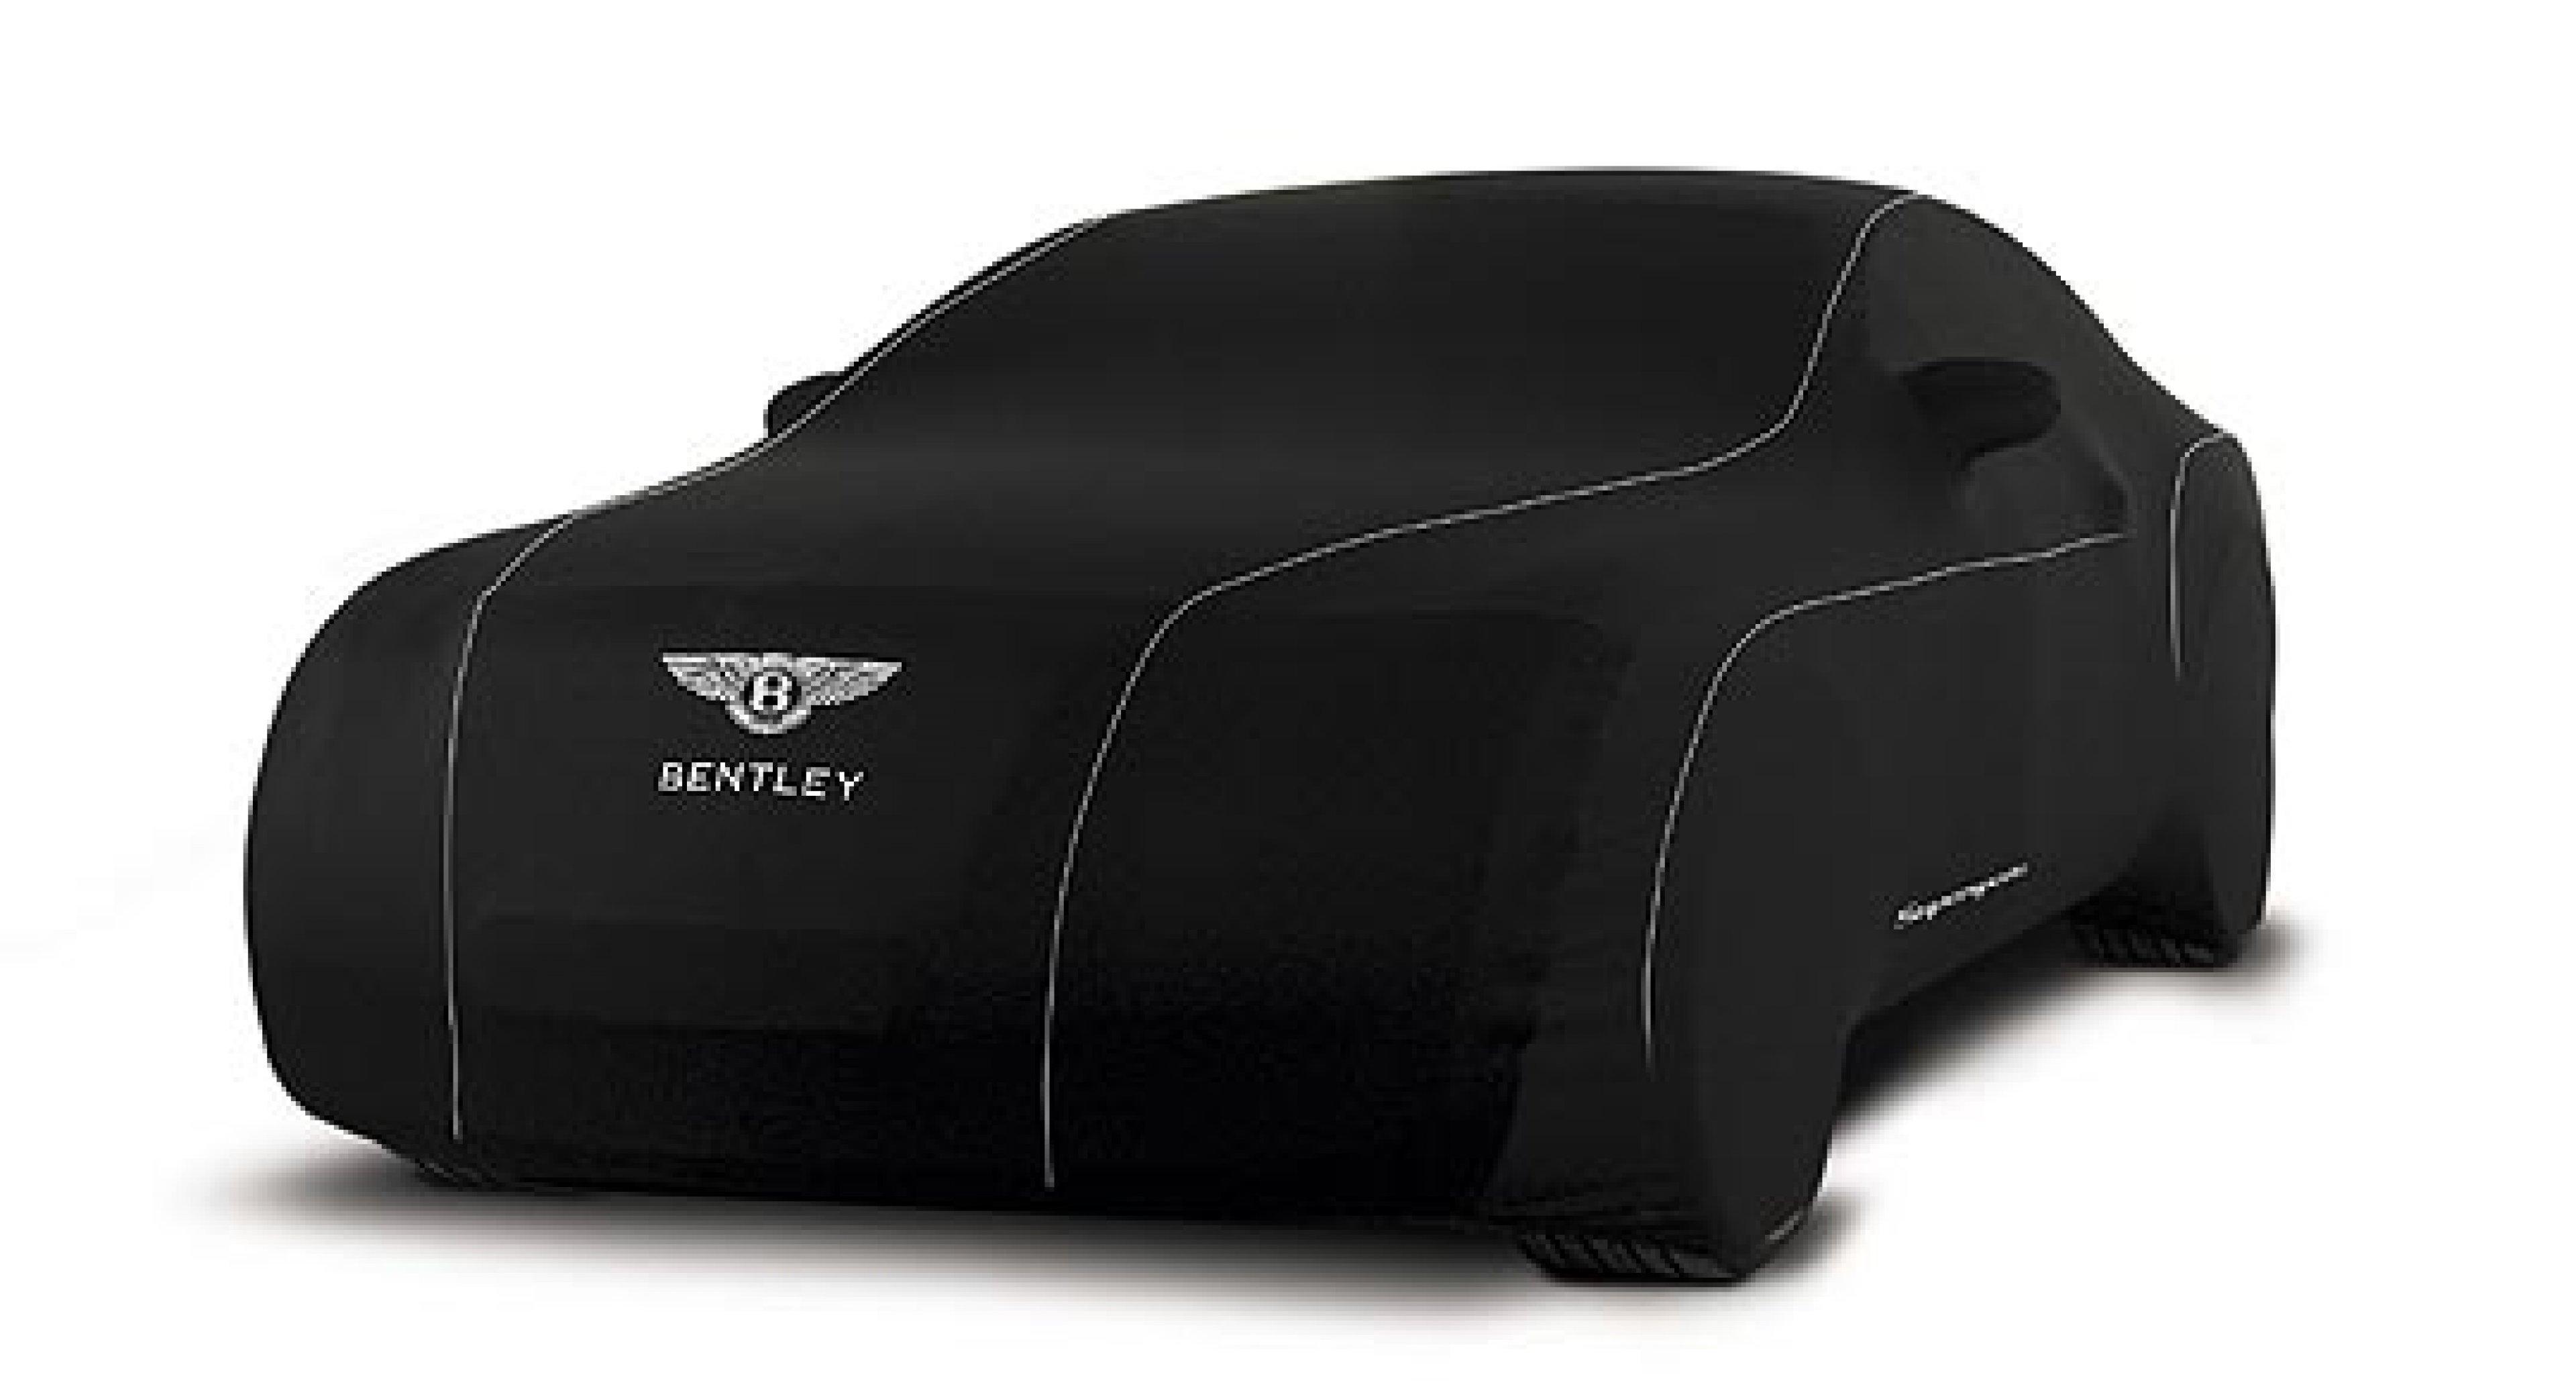 Exclusively Bentley